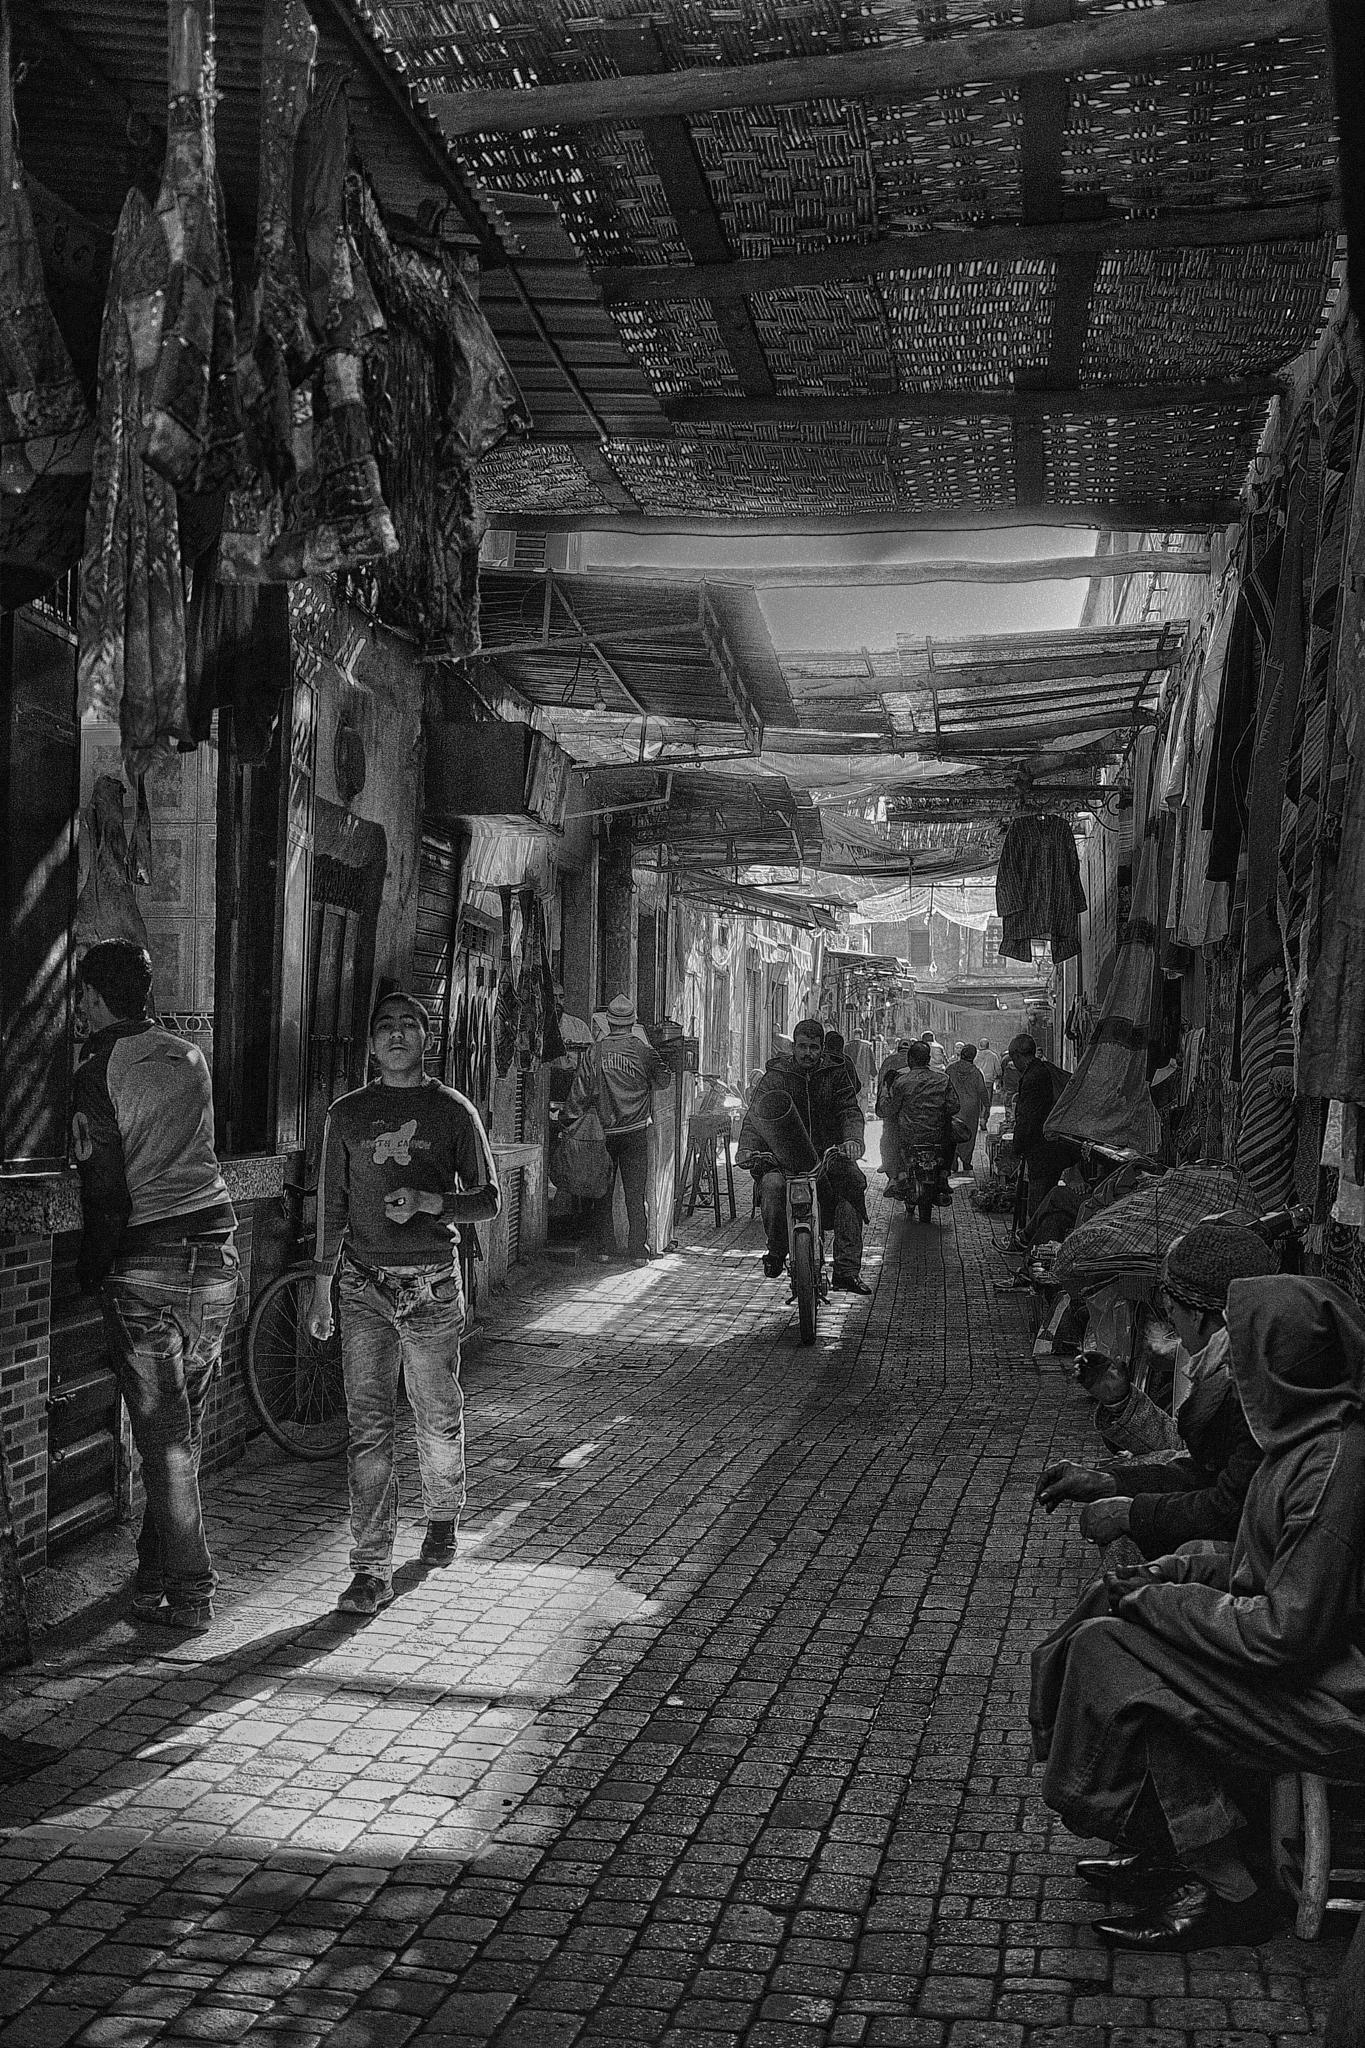 Street Life, Marrakech by navidqureshi